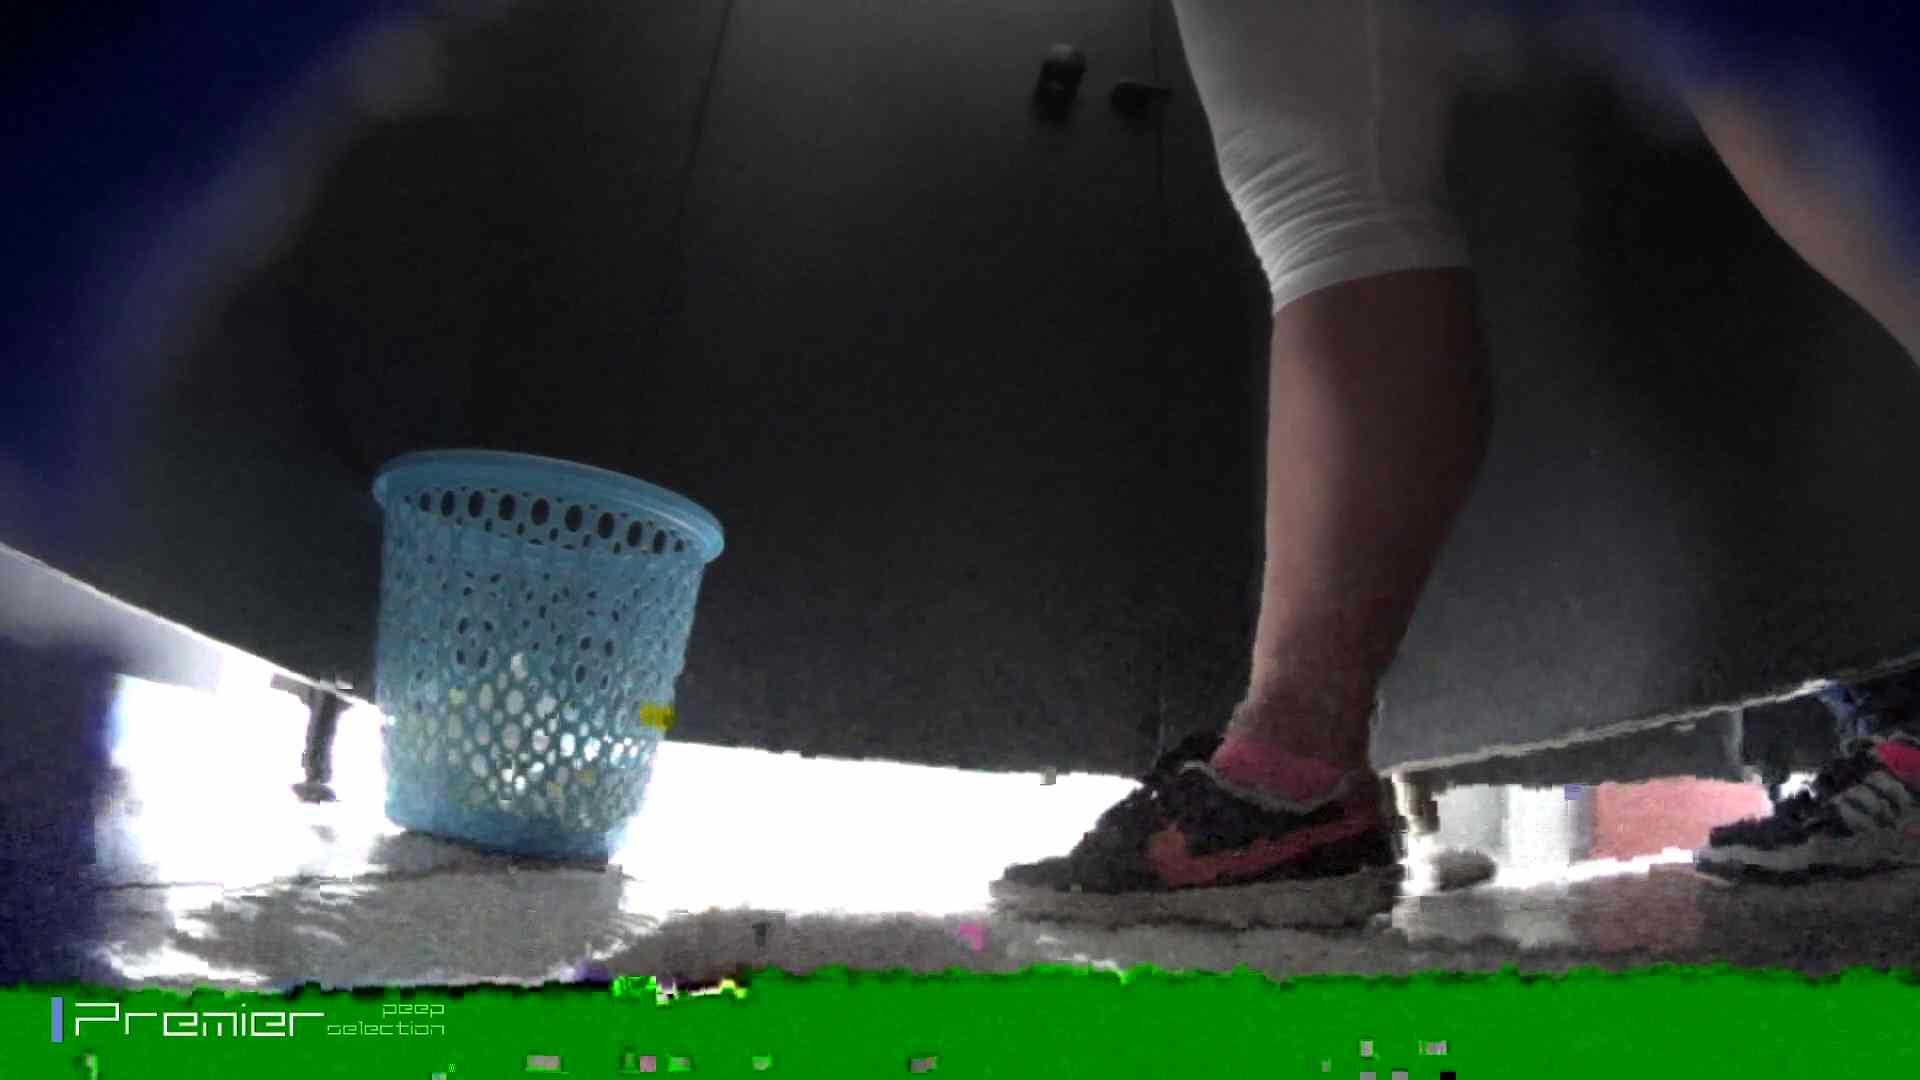 清楚なJDトイレ盗撮 大学休憩時間の洗面所事情41 美女 | トイレ  57pic 51